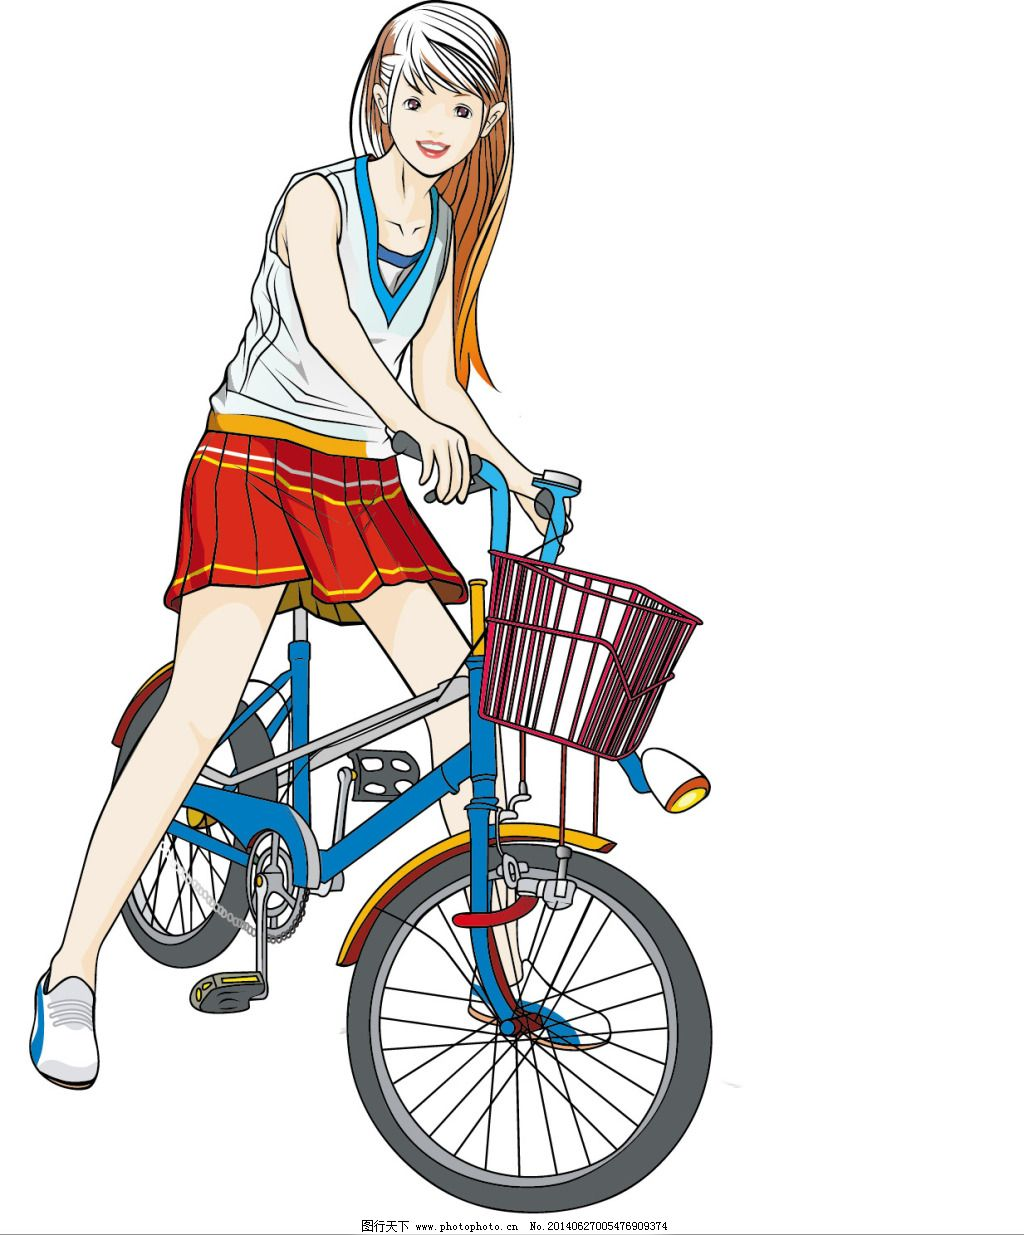 卡通 可爱 女生 学生 自行车 自行车 矢量 学生 卡通 可爱 女生 矢量